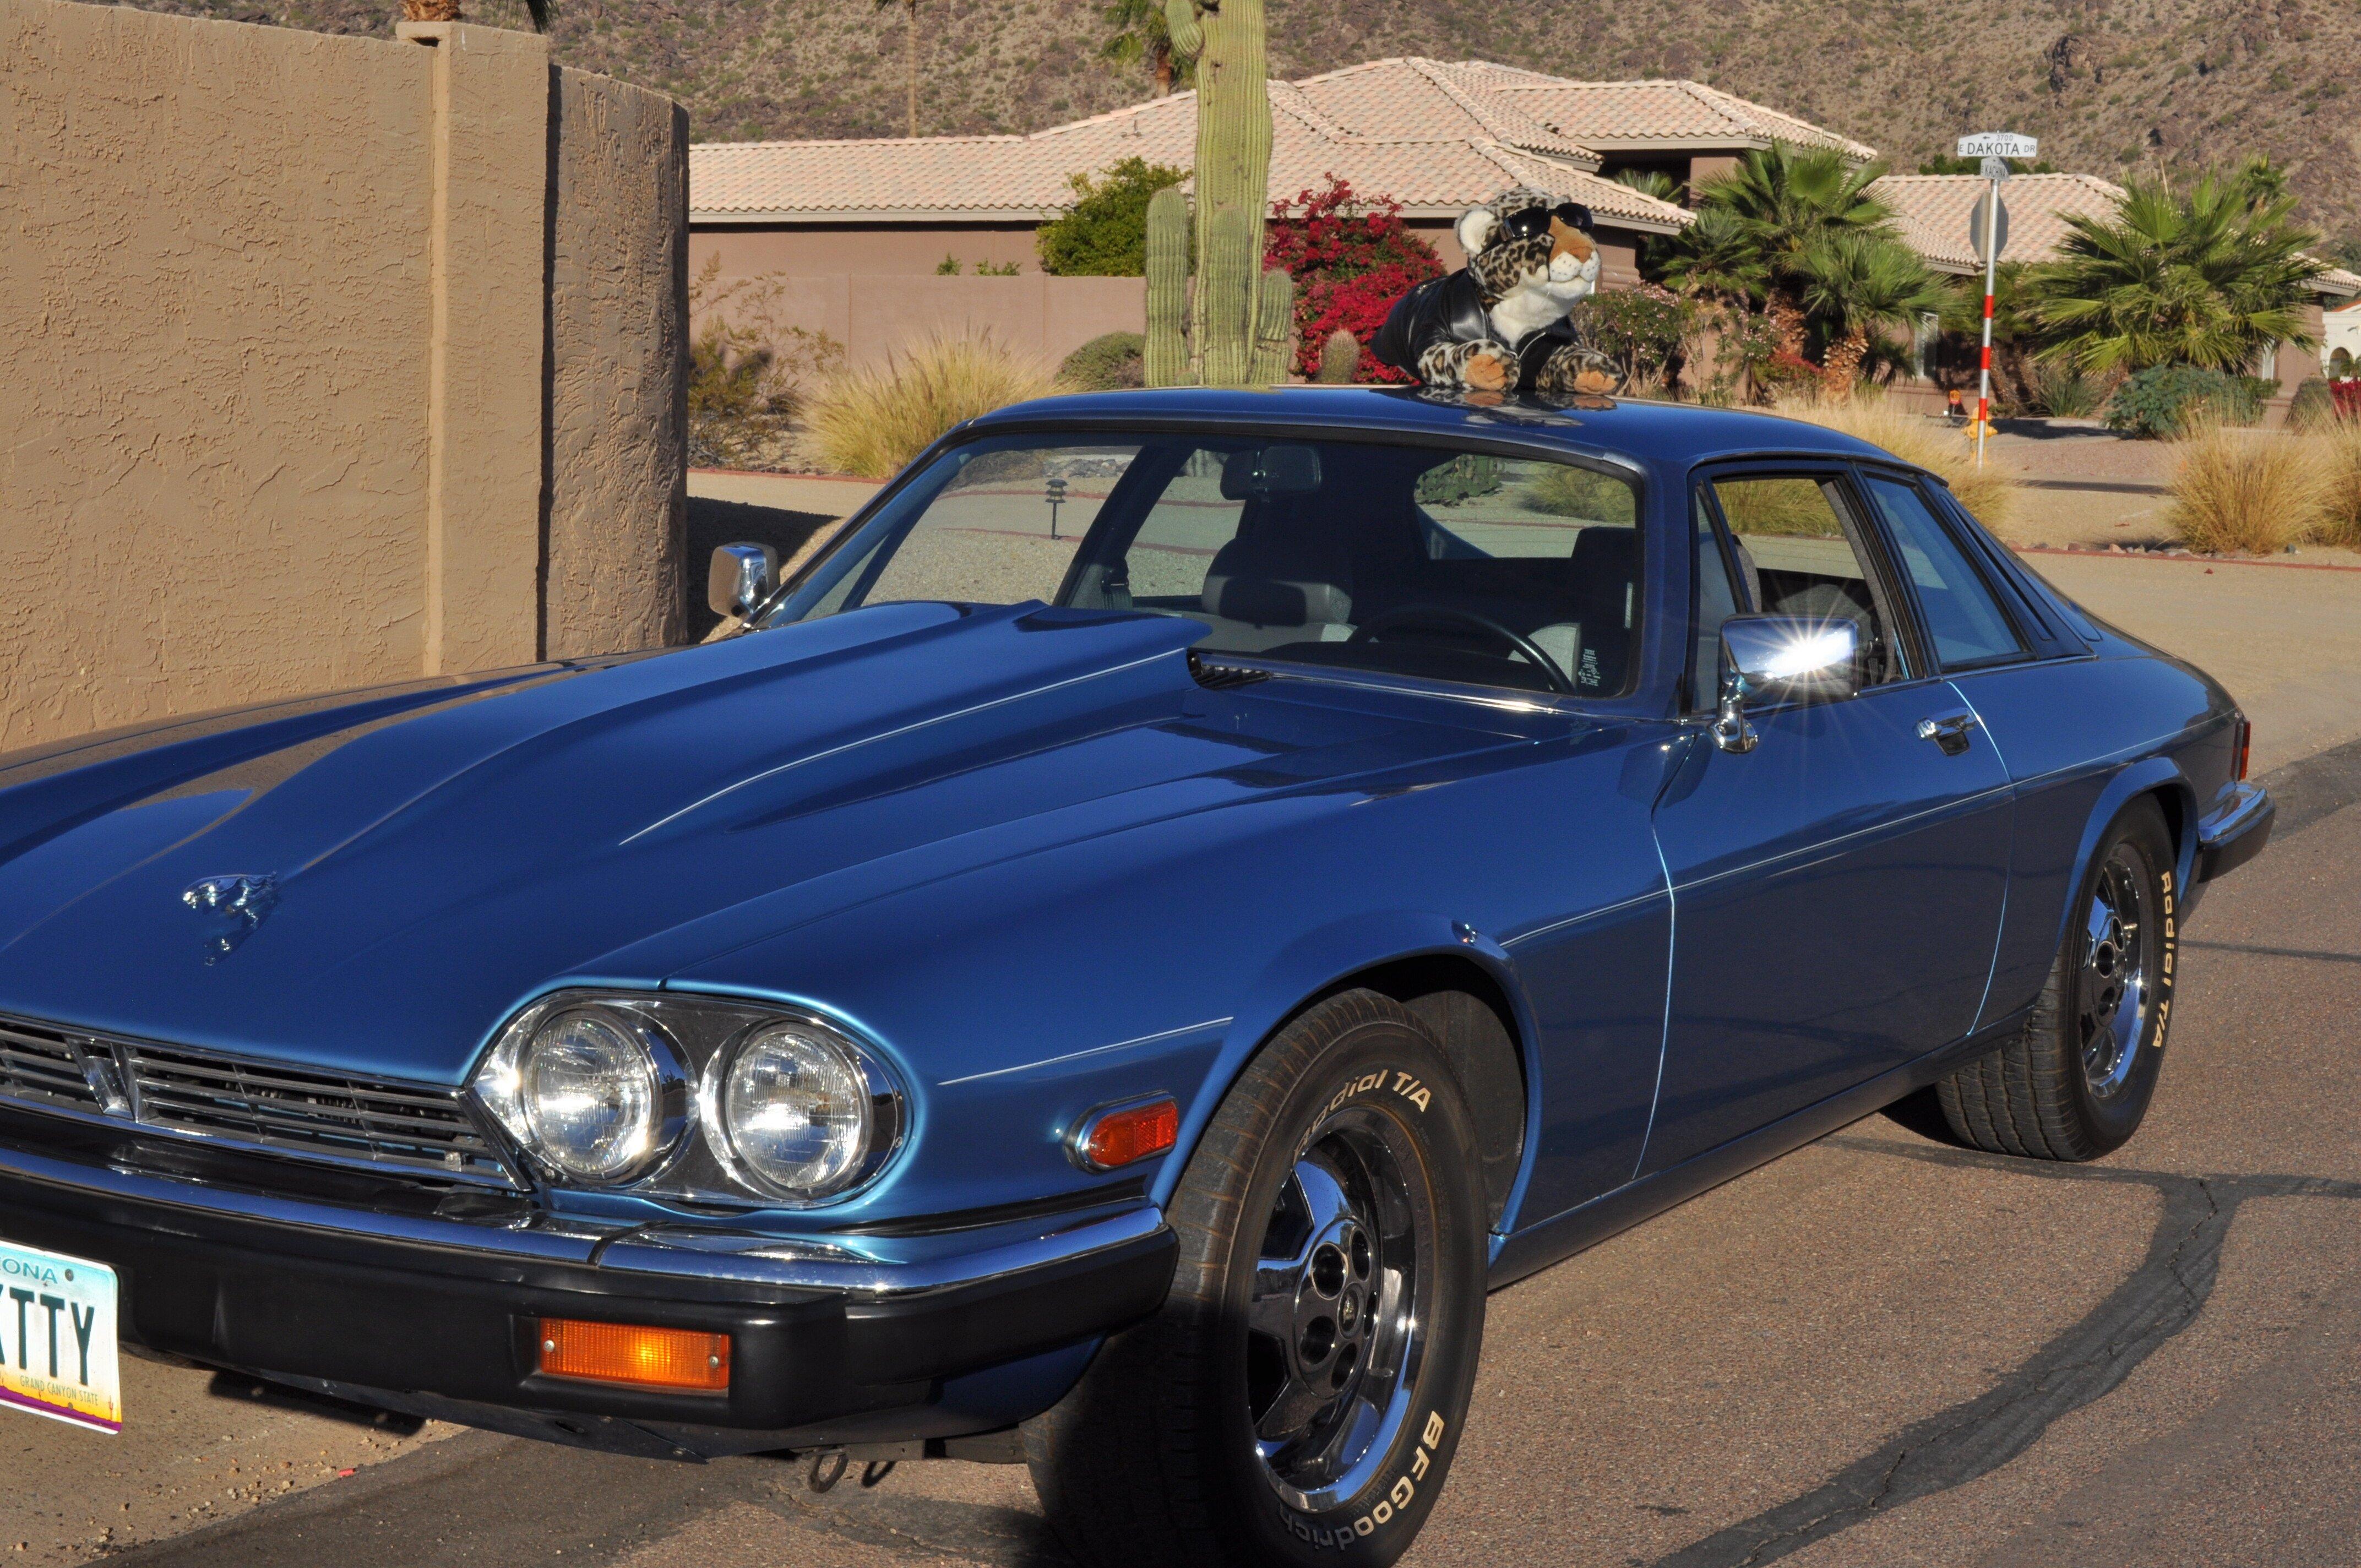 1986 jaguar xjs classics for sale classics on autotrader Jaguar V12 Engine He